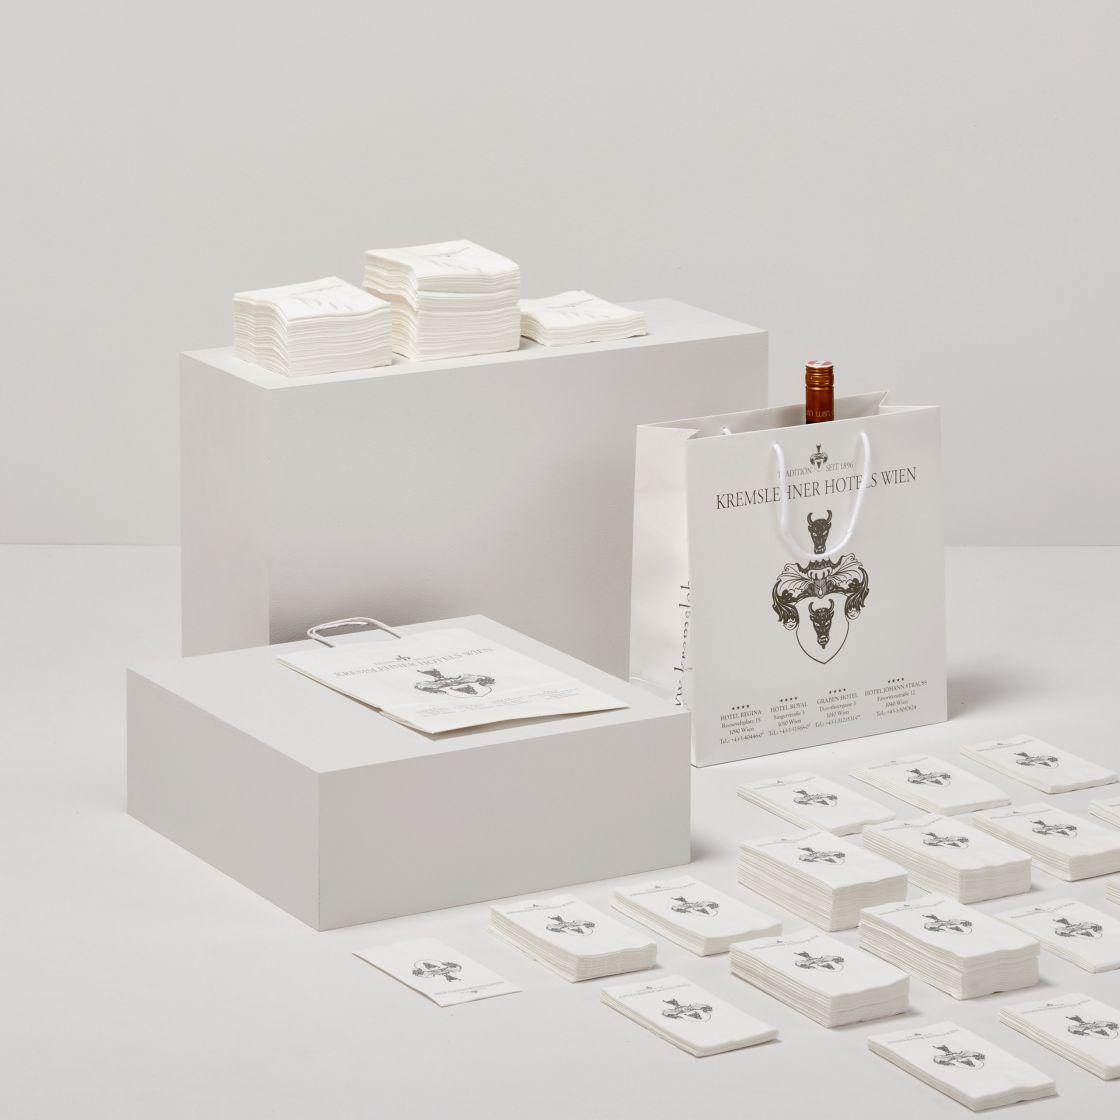 ASP Andreas Steiner Packaging Verpackung Sortiment Referenzen Kremslehner Hotels